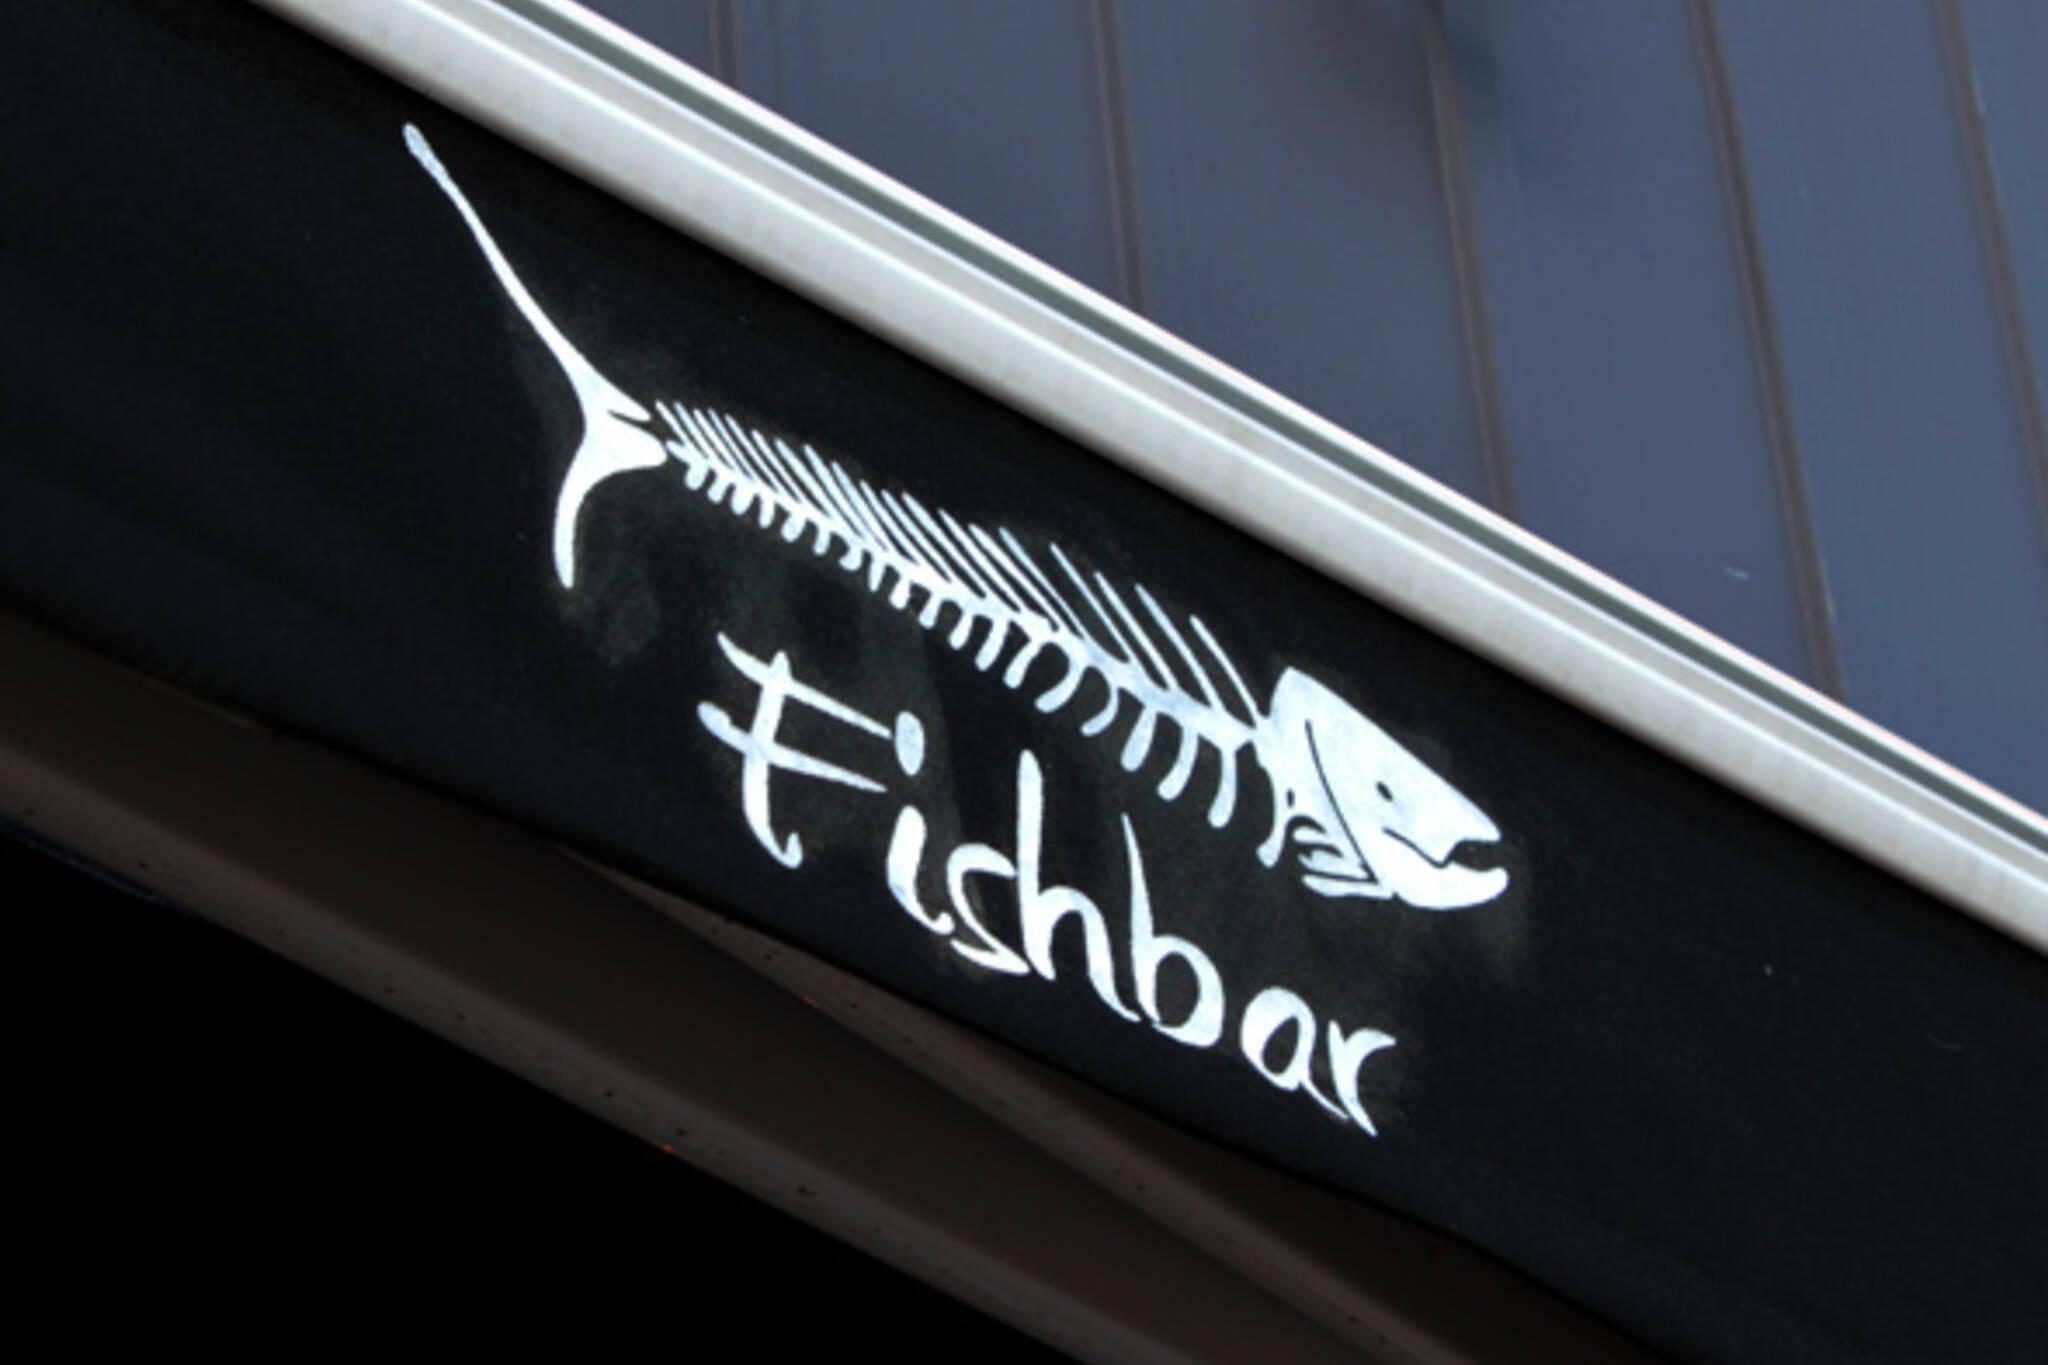 fishbar